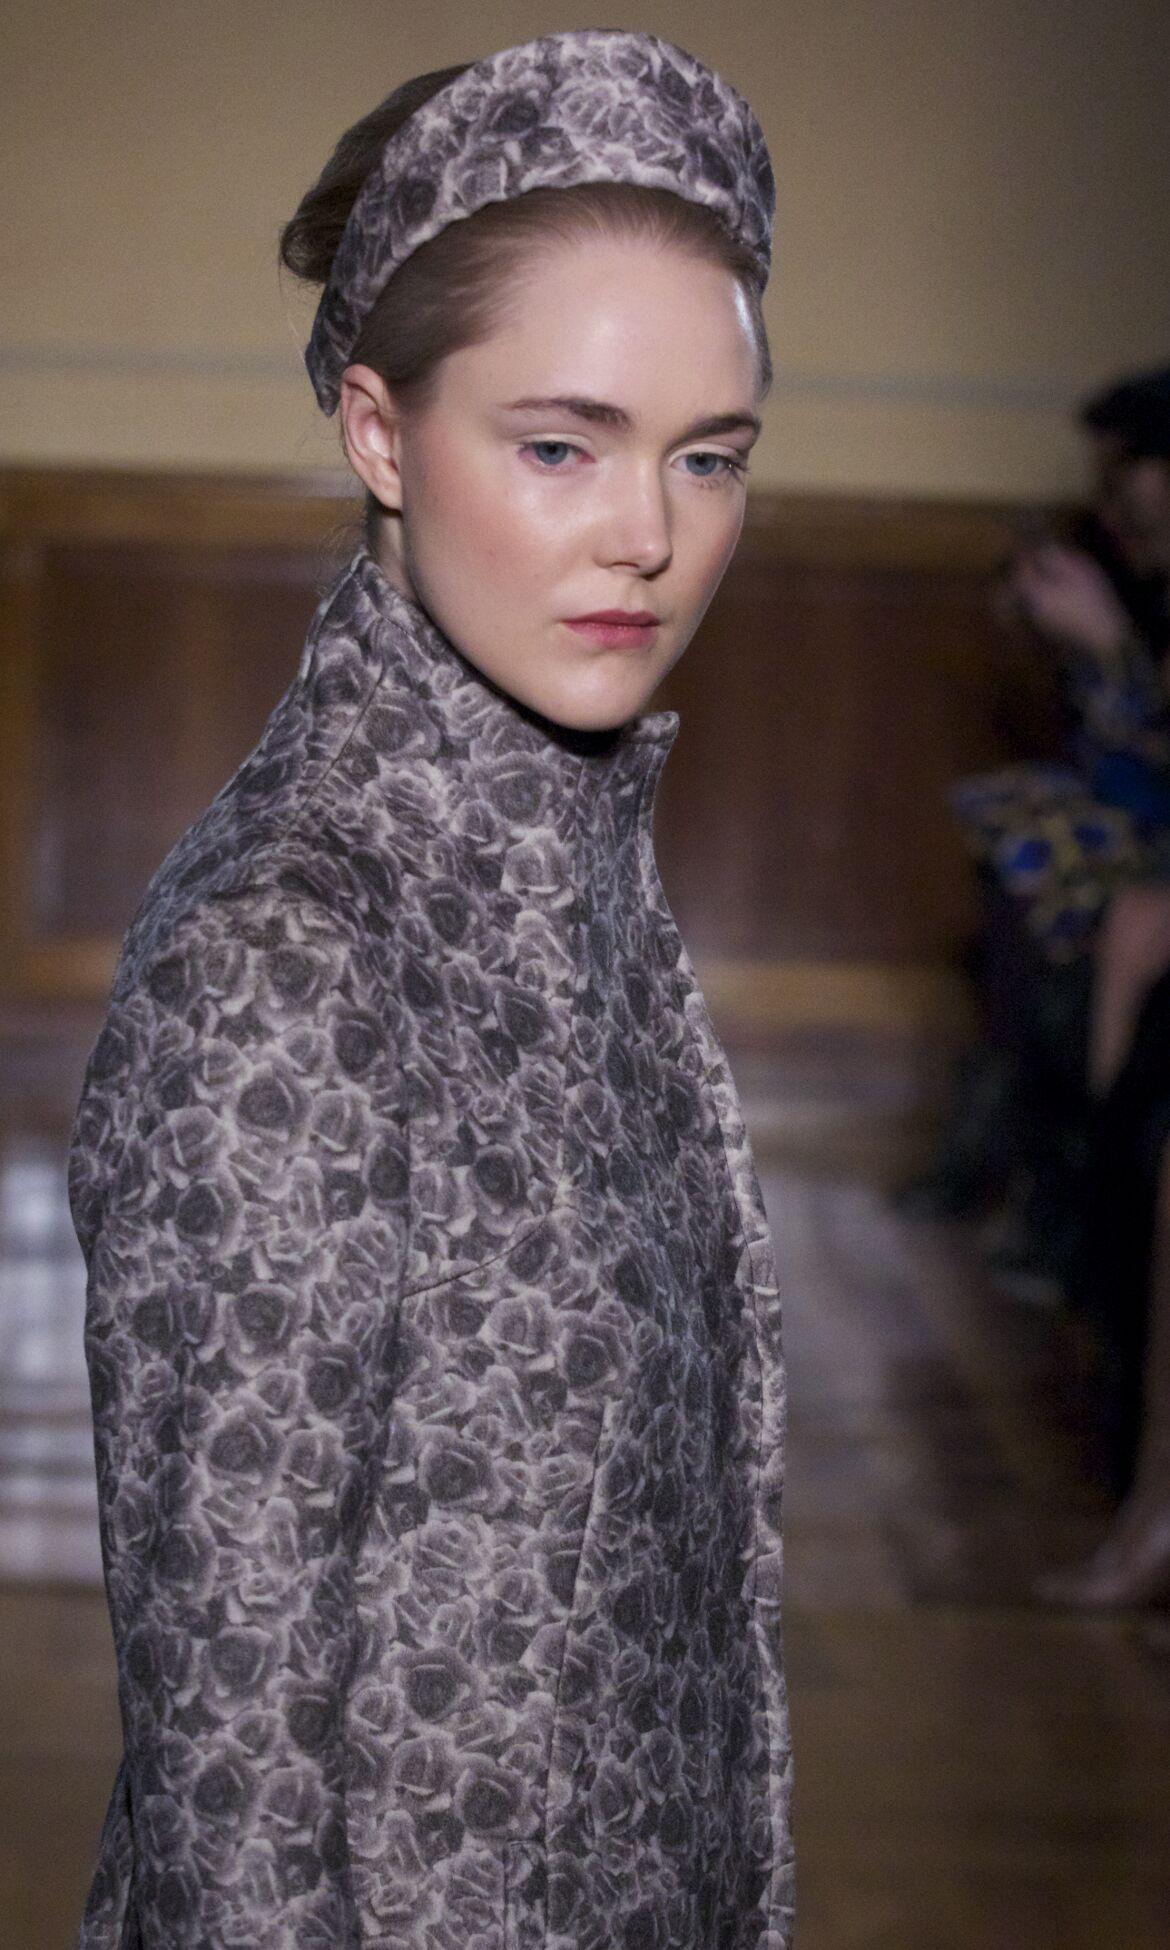 Andrea Incontri Fashion Model